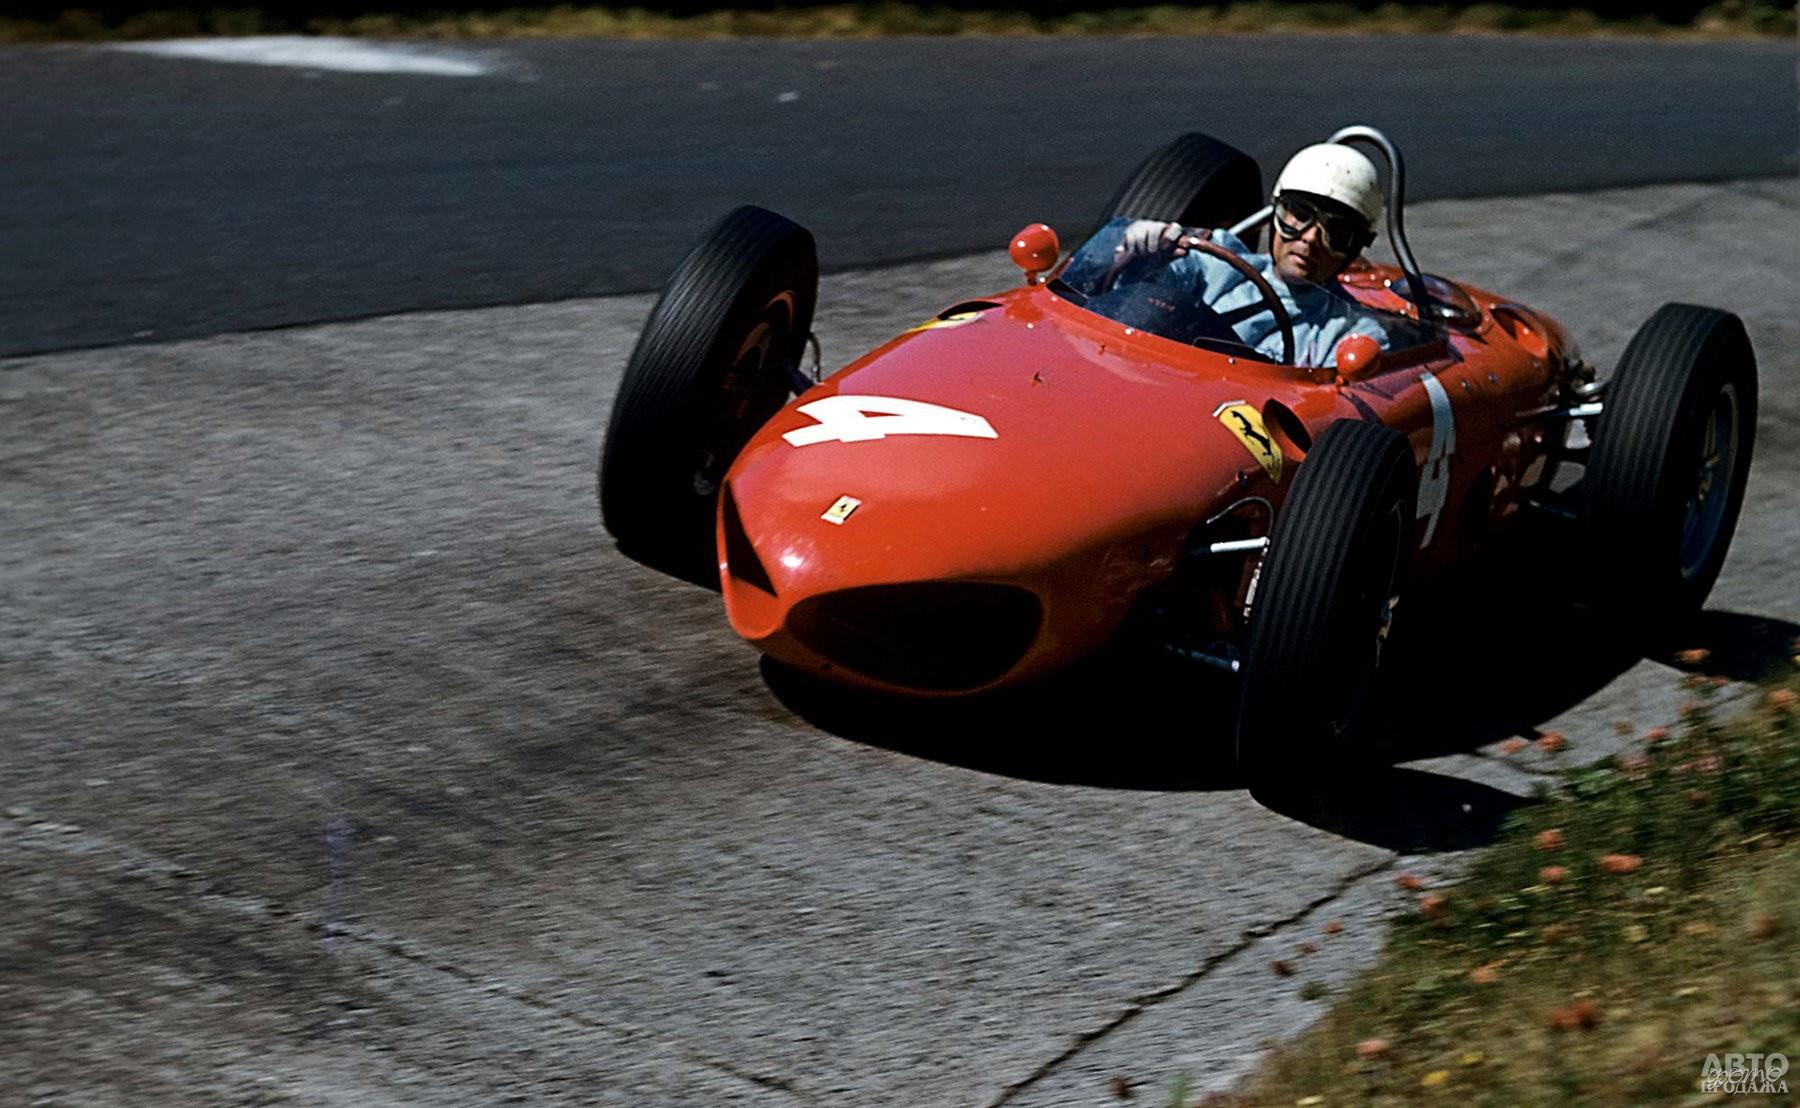 Филл Хилл стал чемпионом мира в 1961 году на Ferrari 156 F1